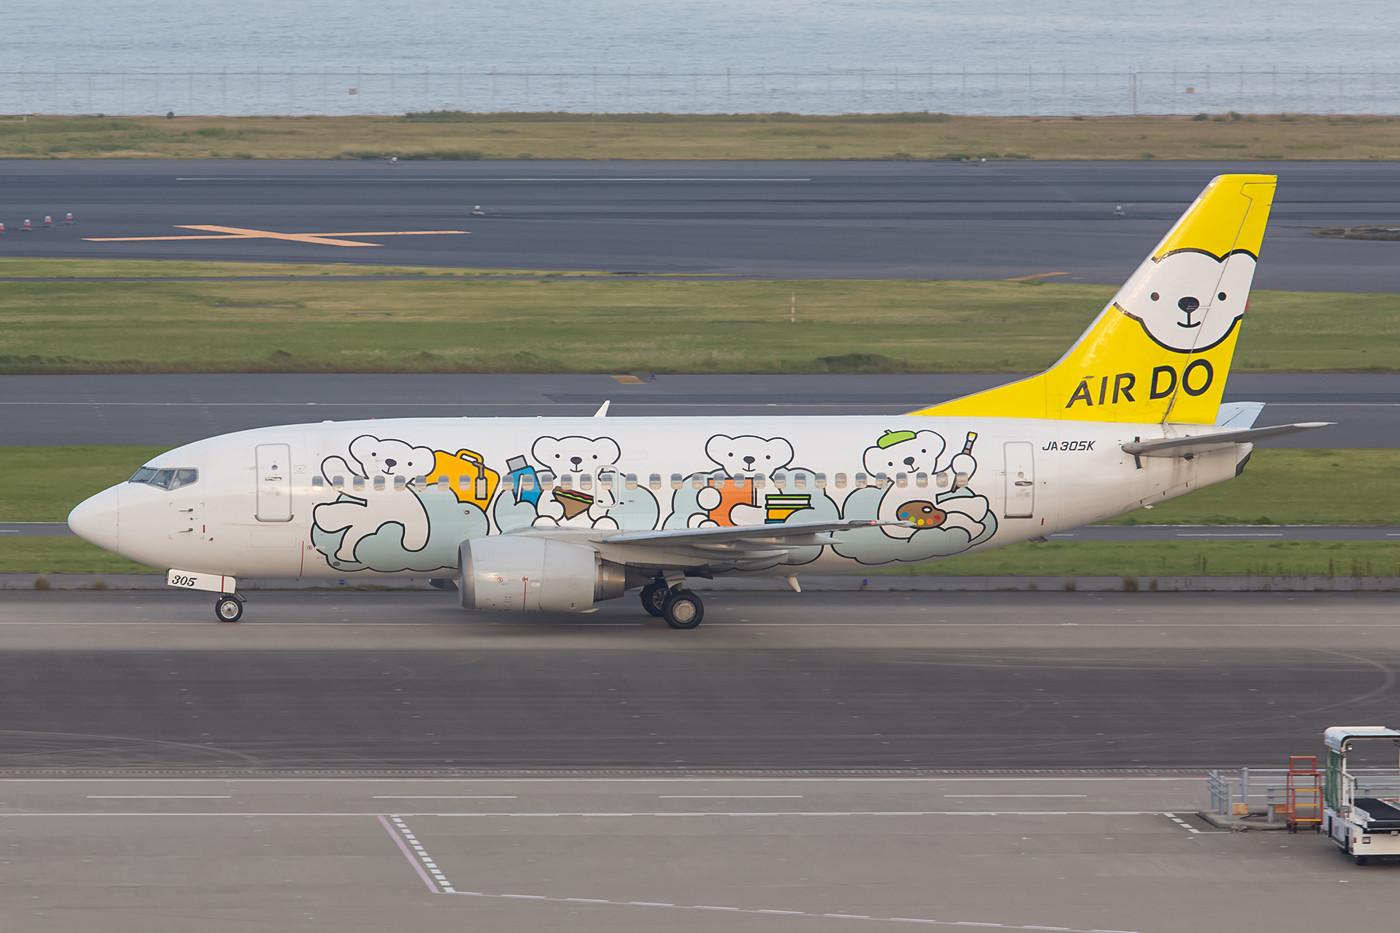 Ja305K, Boeing 737-500 der Air Do aus Hokkaido.